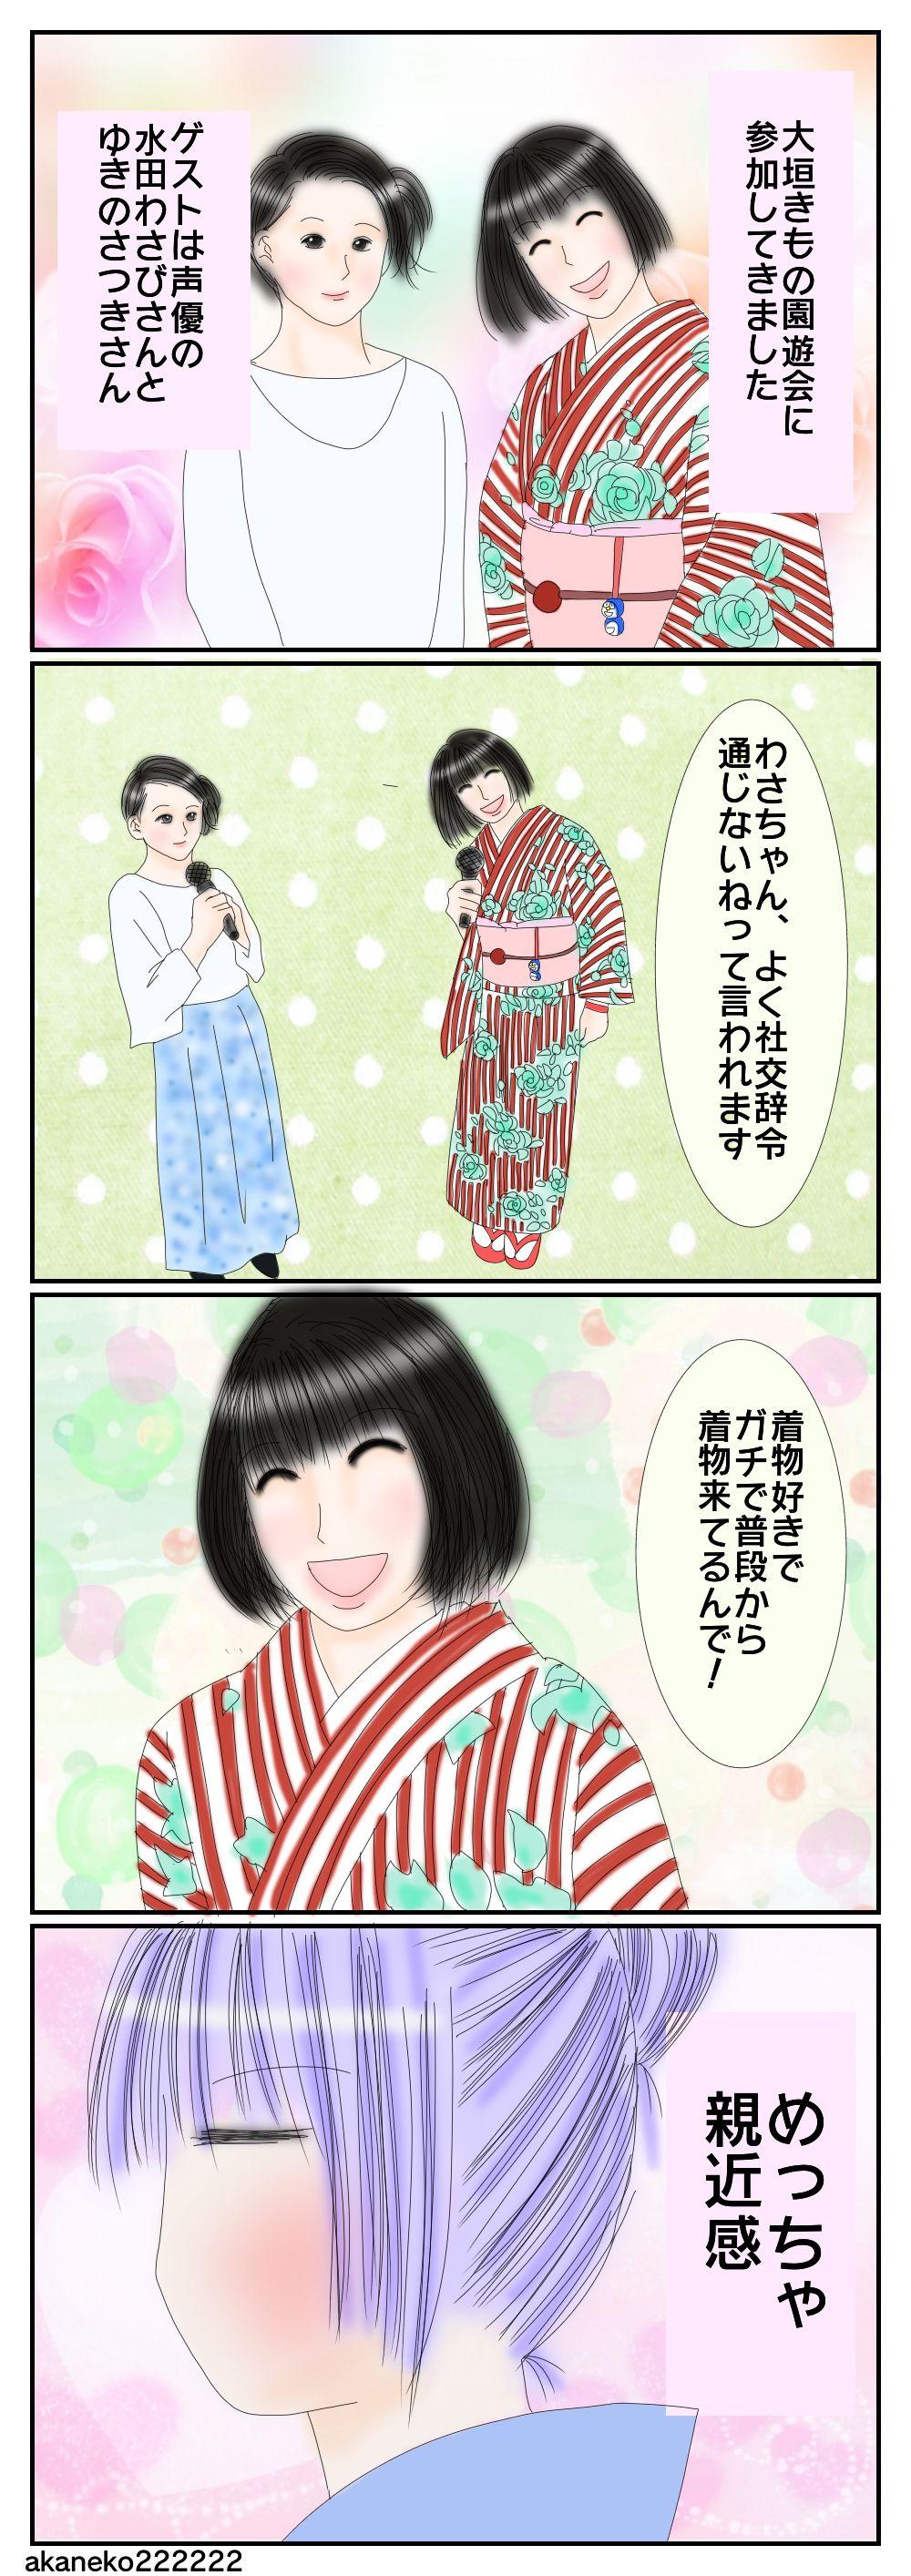 大垣きもの園遊会の水田わさびさんとゆきのさつきさんの声優トークショー